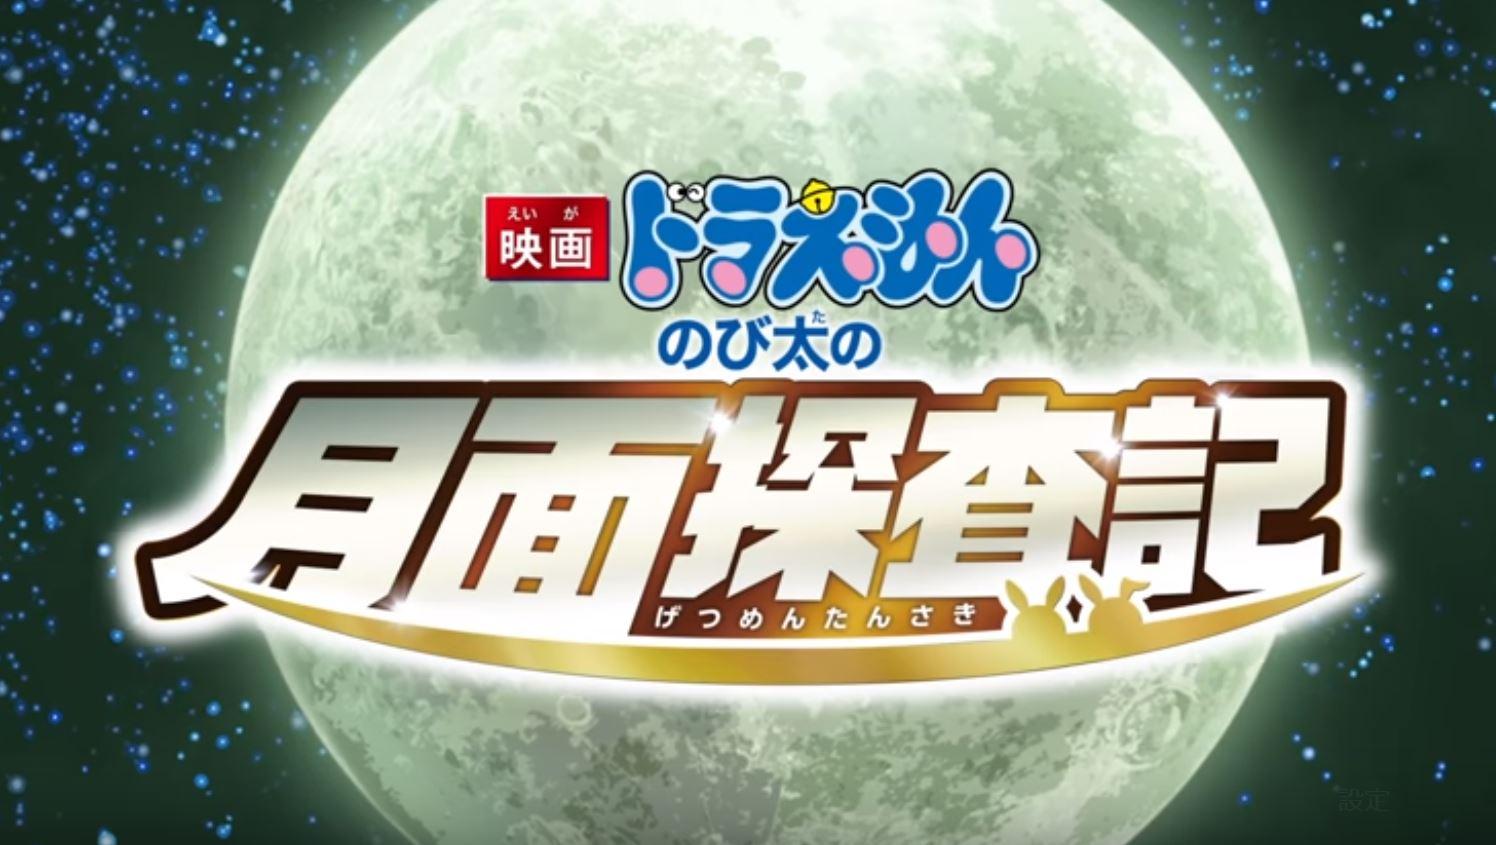 ドラえもん映画2019「のび太の月面探査記」ゲスト声優が豪華!